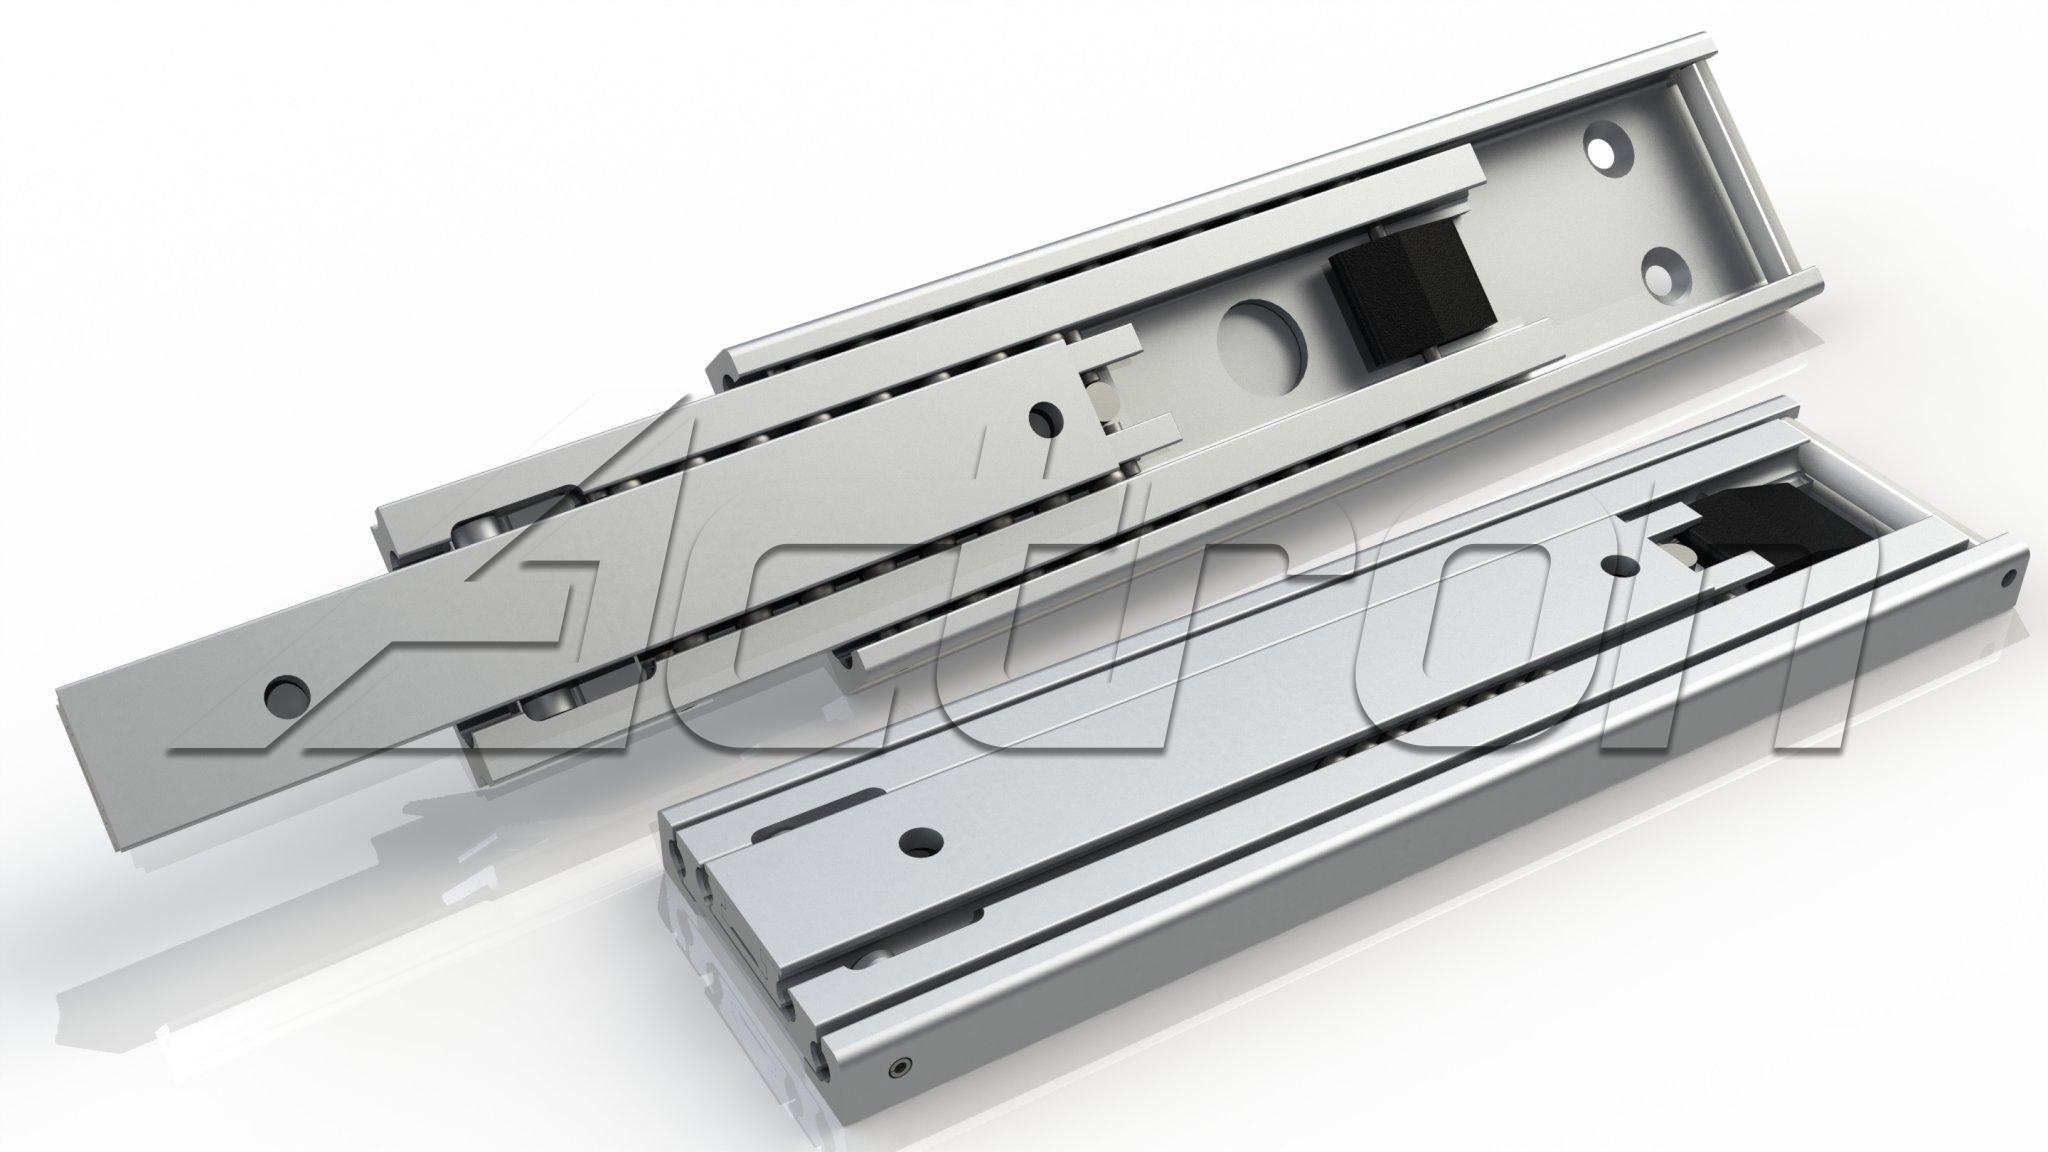 slide-assy-8211-aluminum-38-8243-x-1-58-8243-5114-a5235.jpg